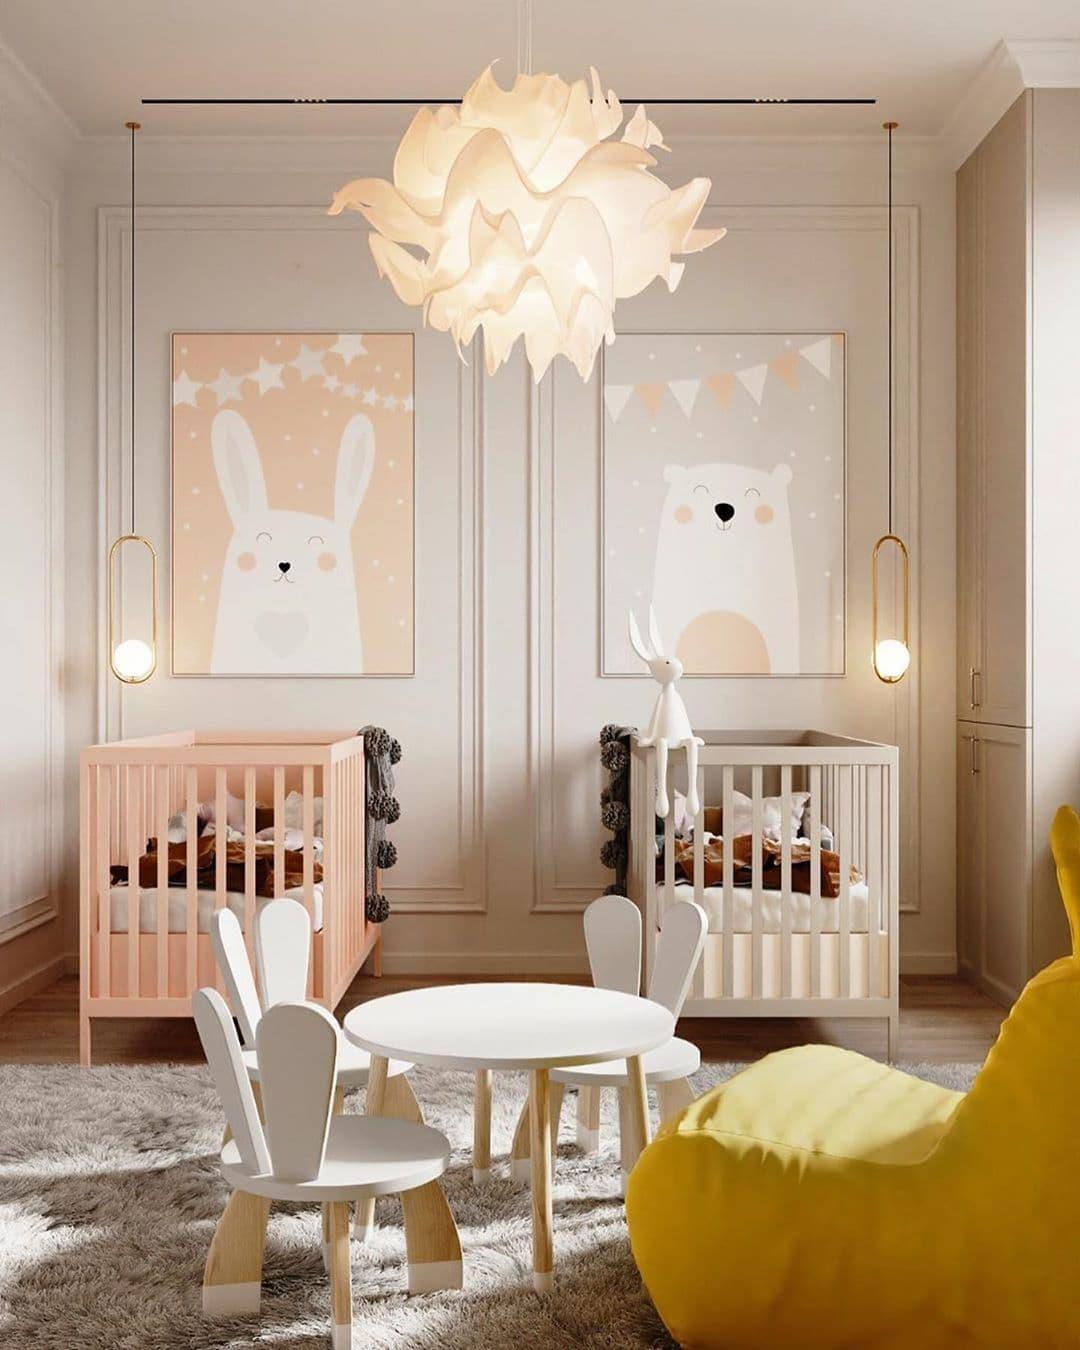 Дизайн-проект маленькой детской комнаты для девочек двойняшек 1